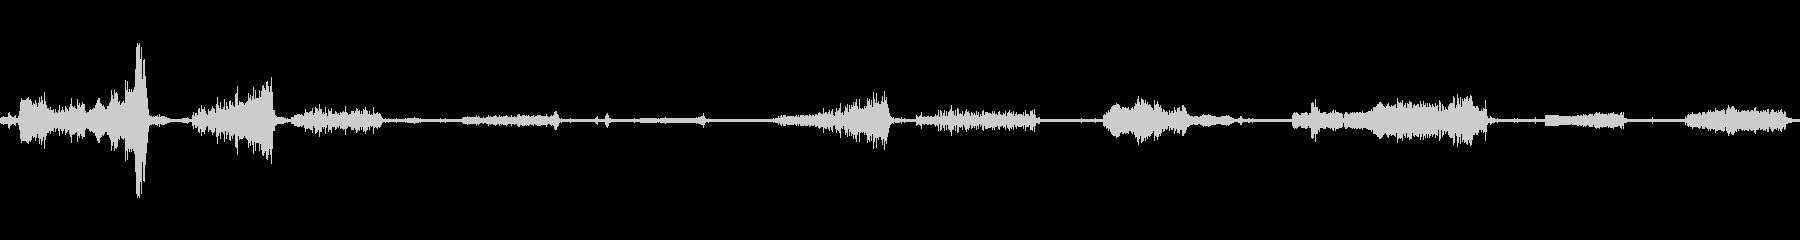 オウムの鳴き声、喉の音の未再生の波形